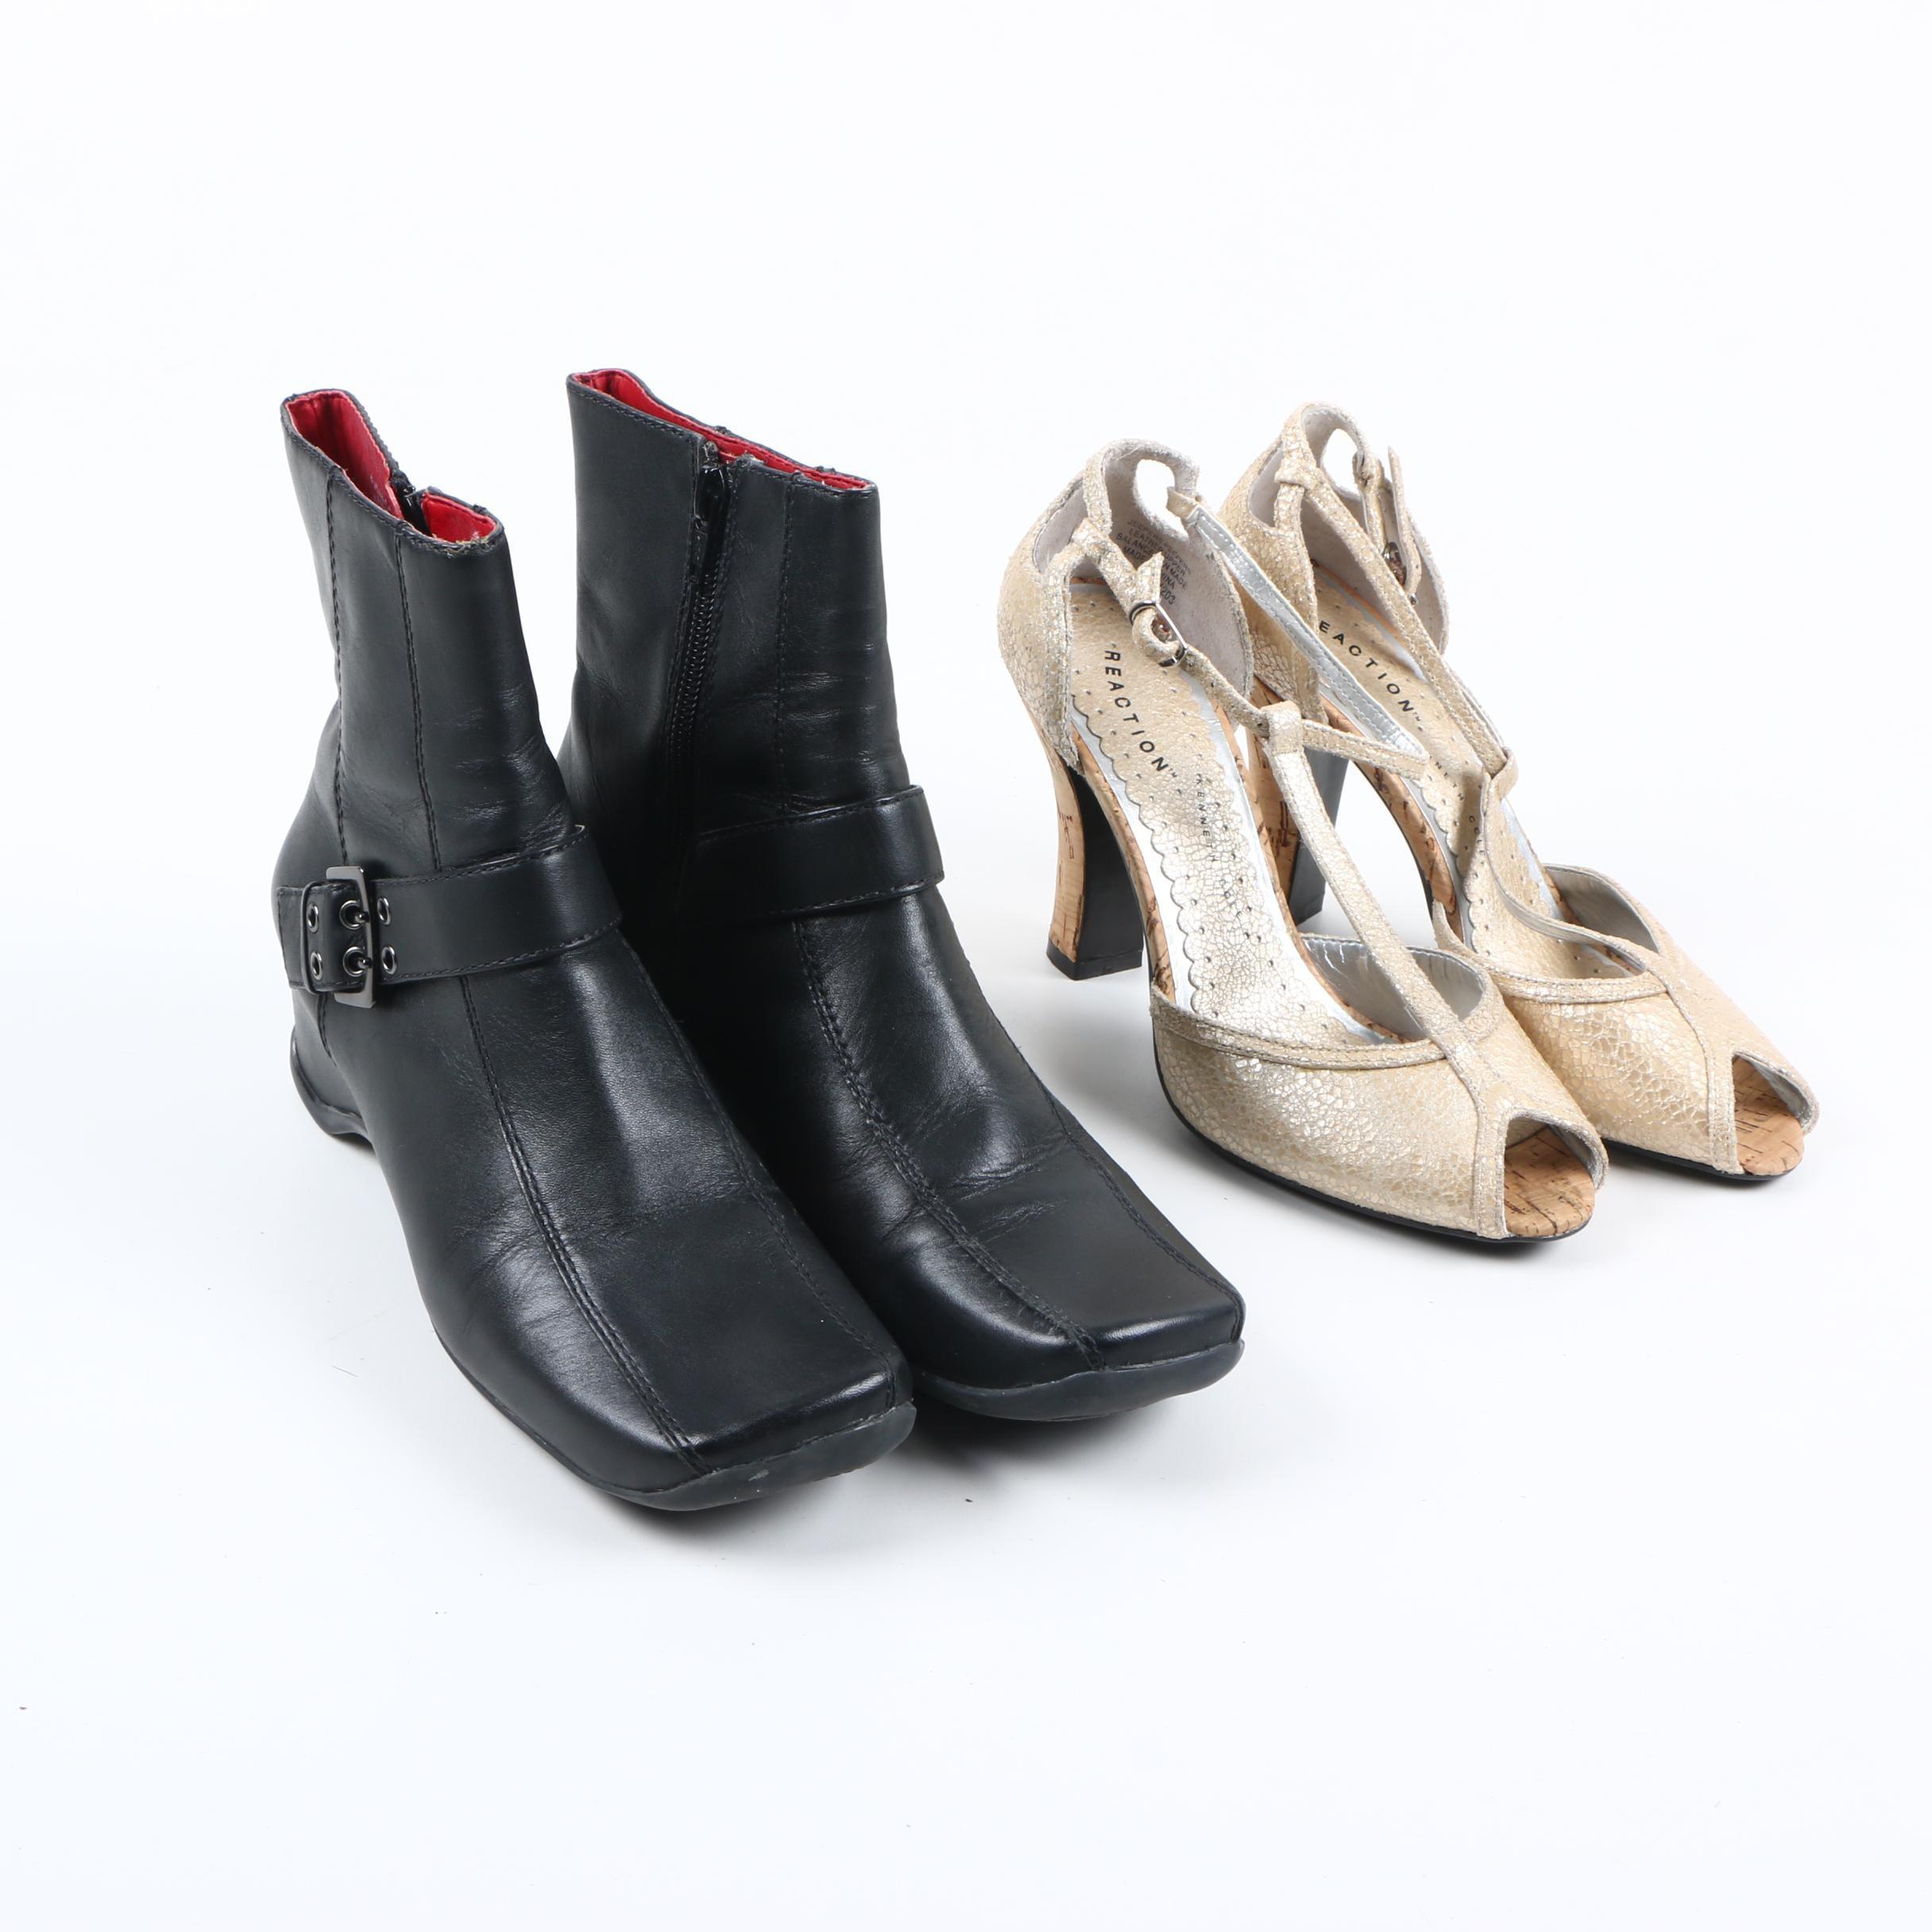 Women's Kenneth Cole Reaction Footwear